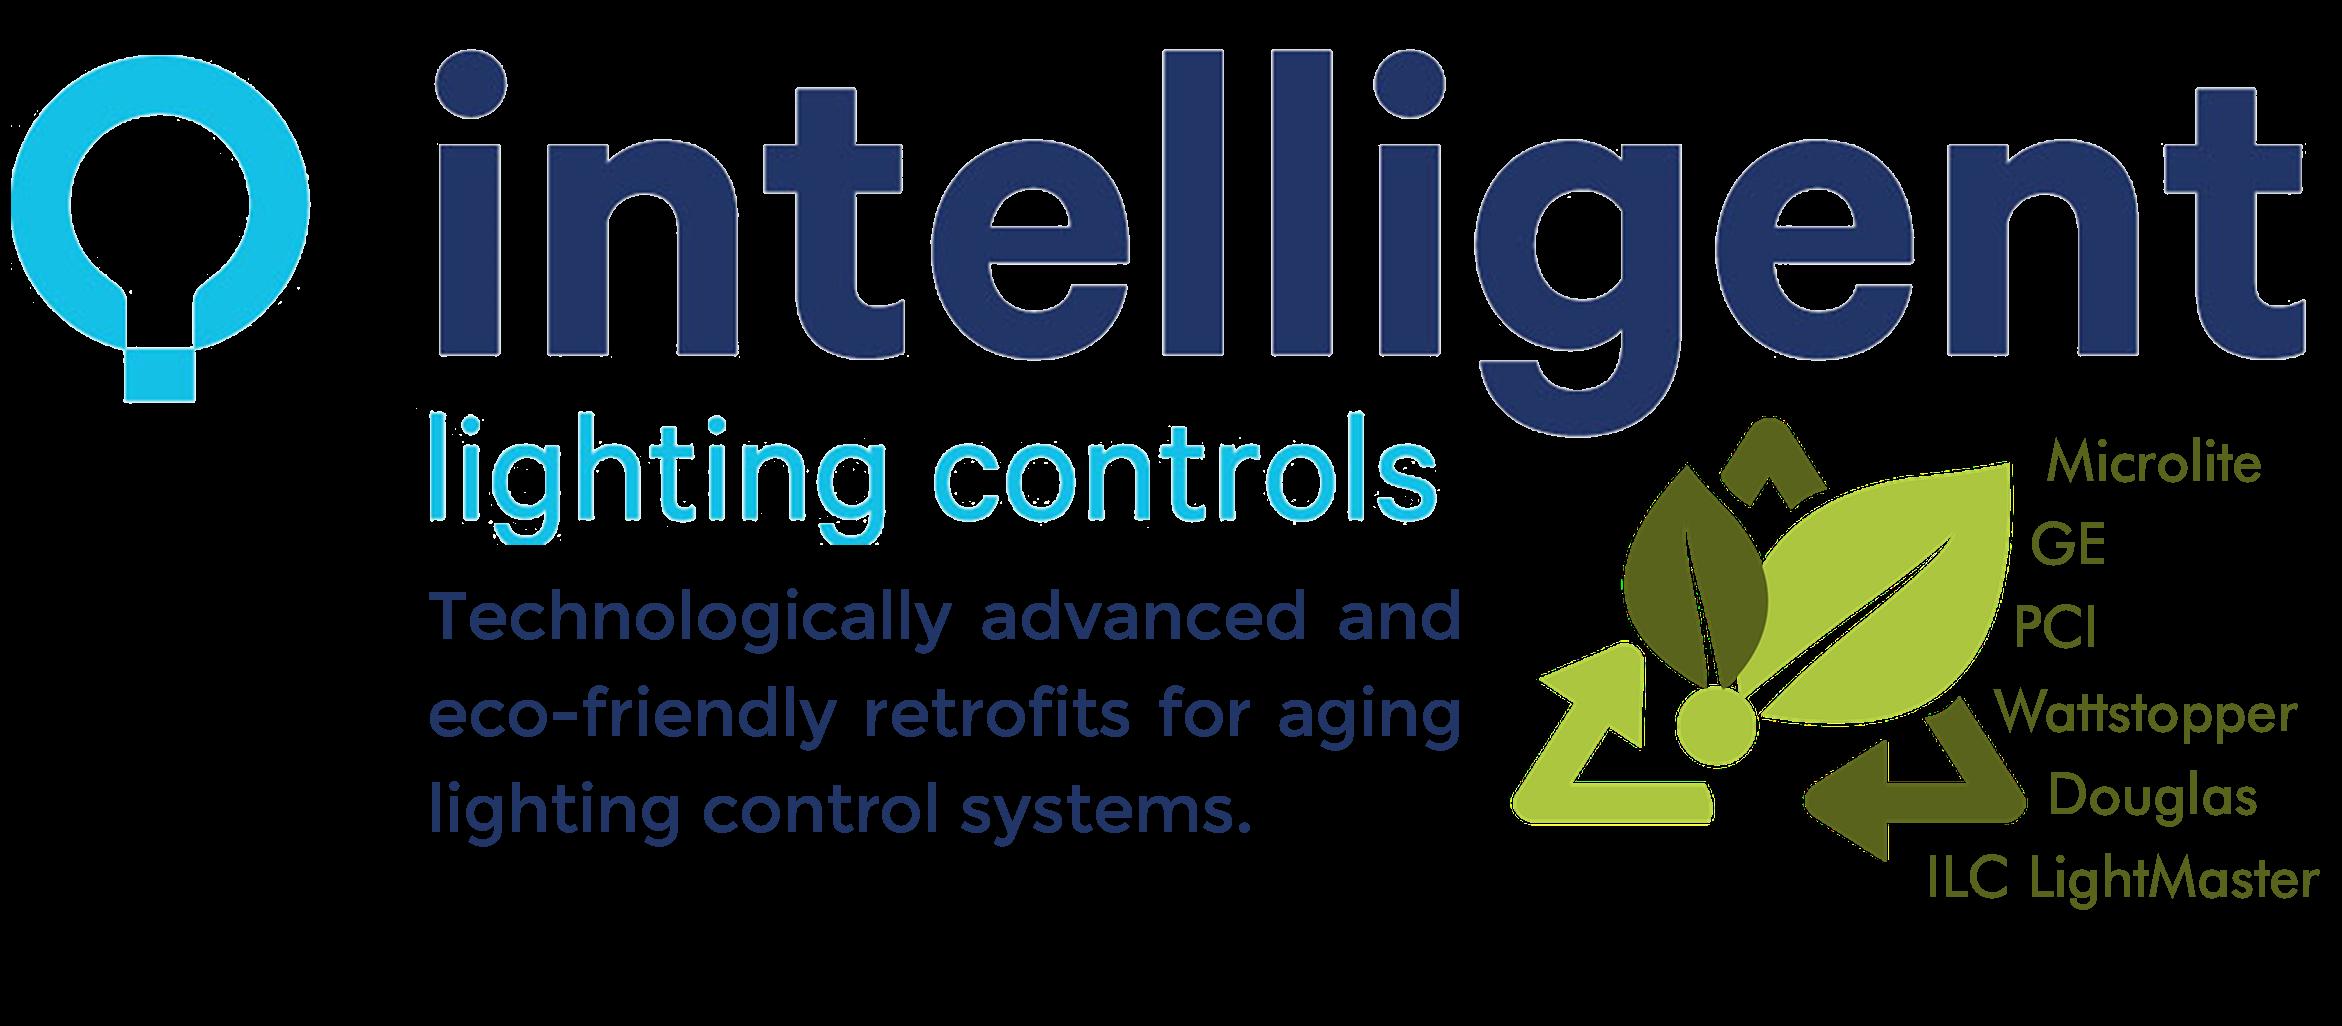 ilc-retrofit-branding-simple.png